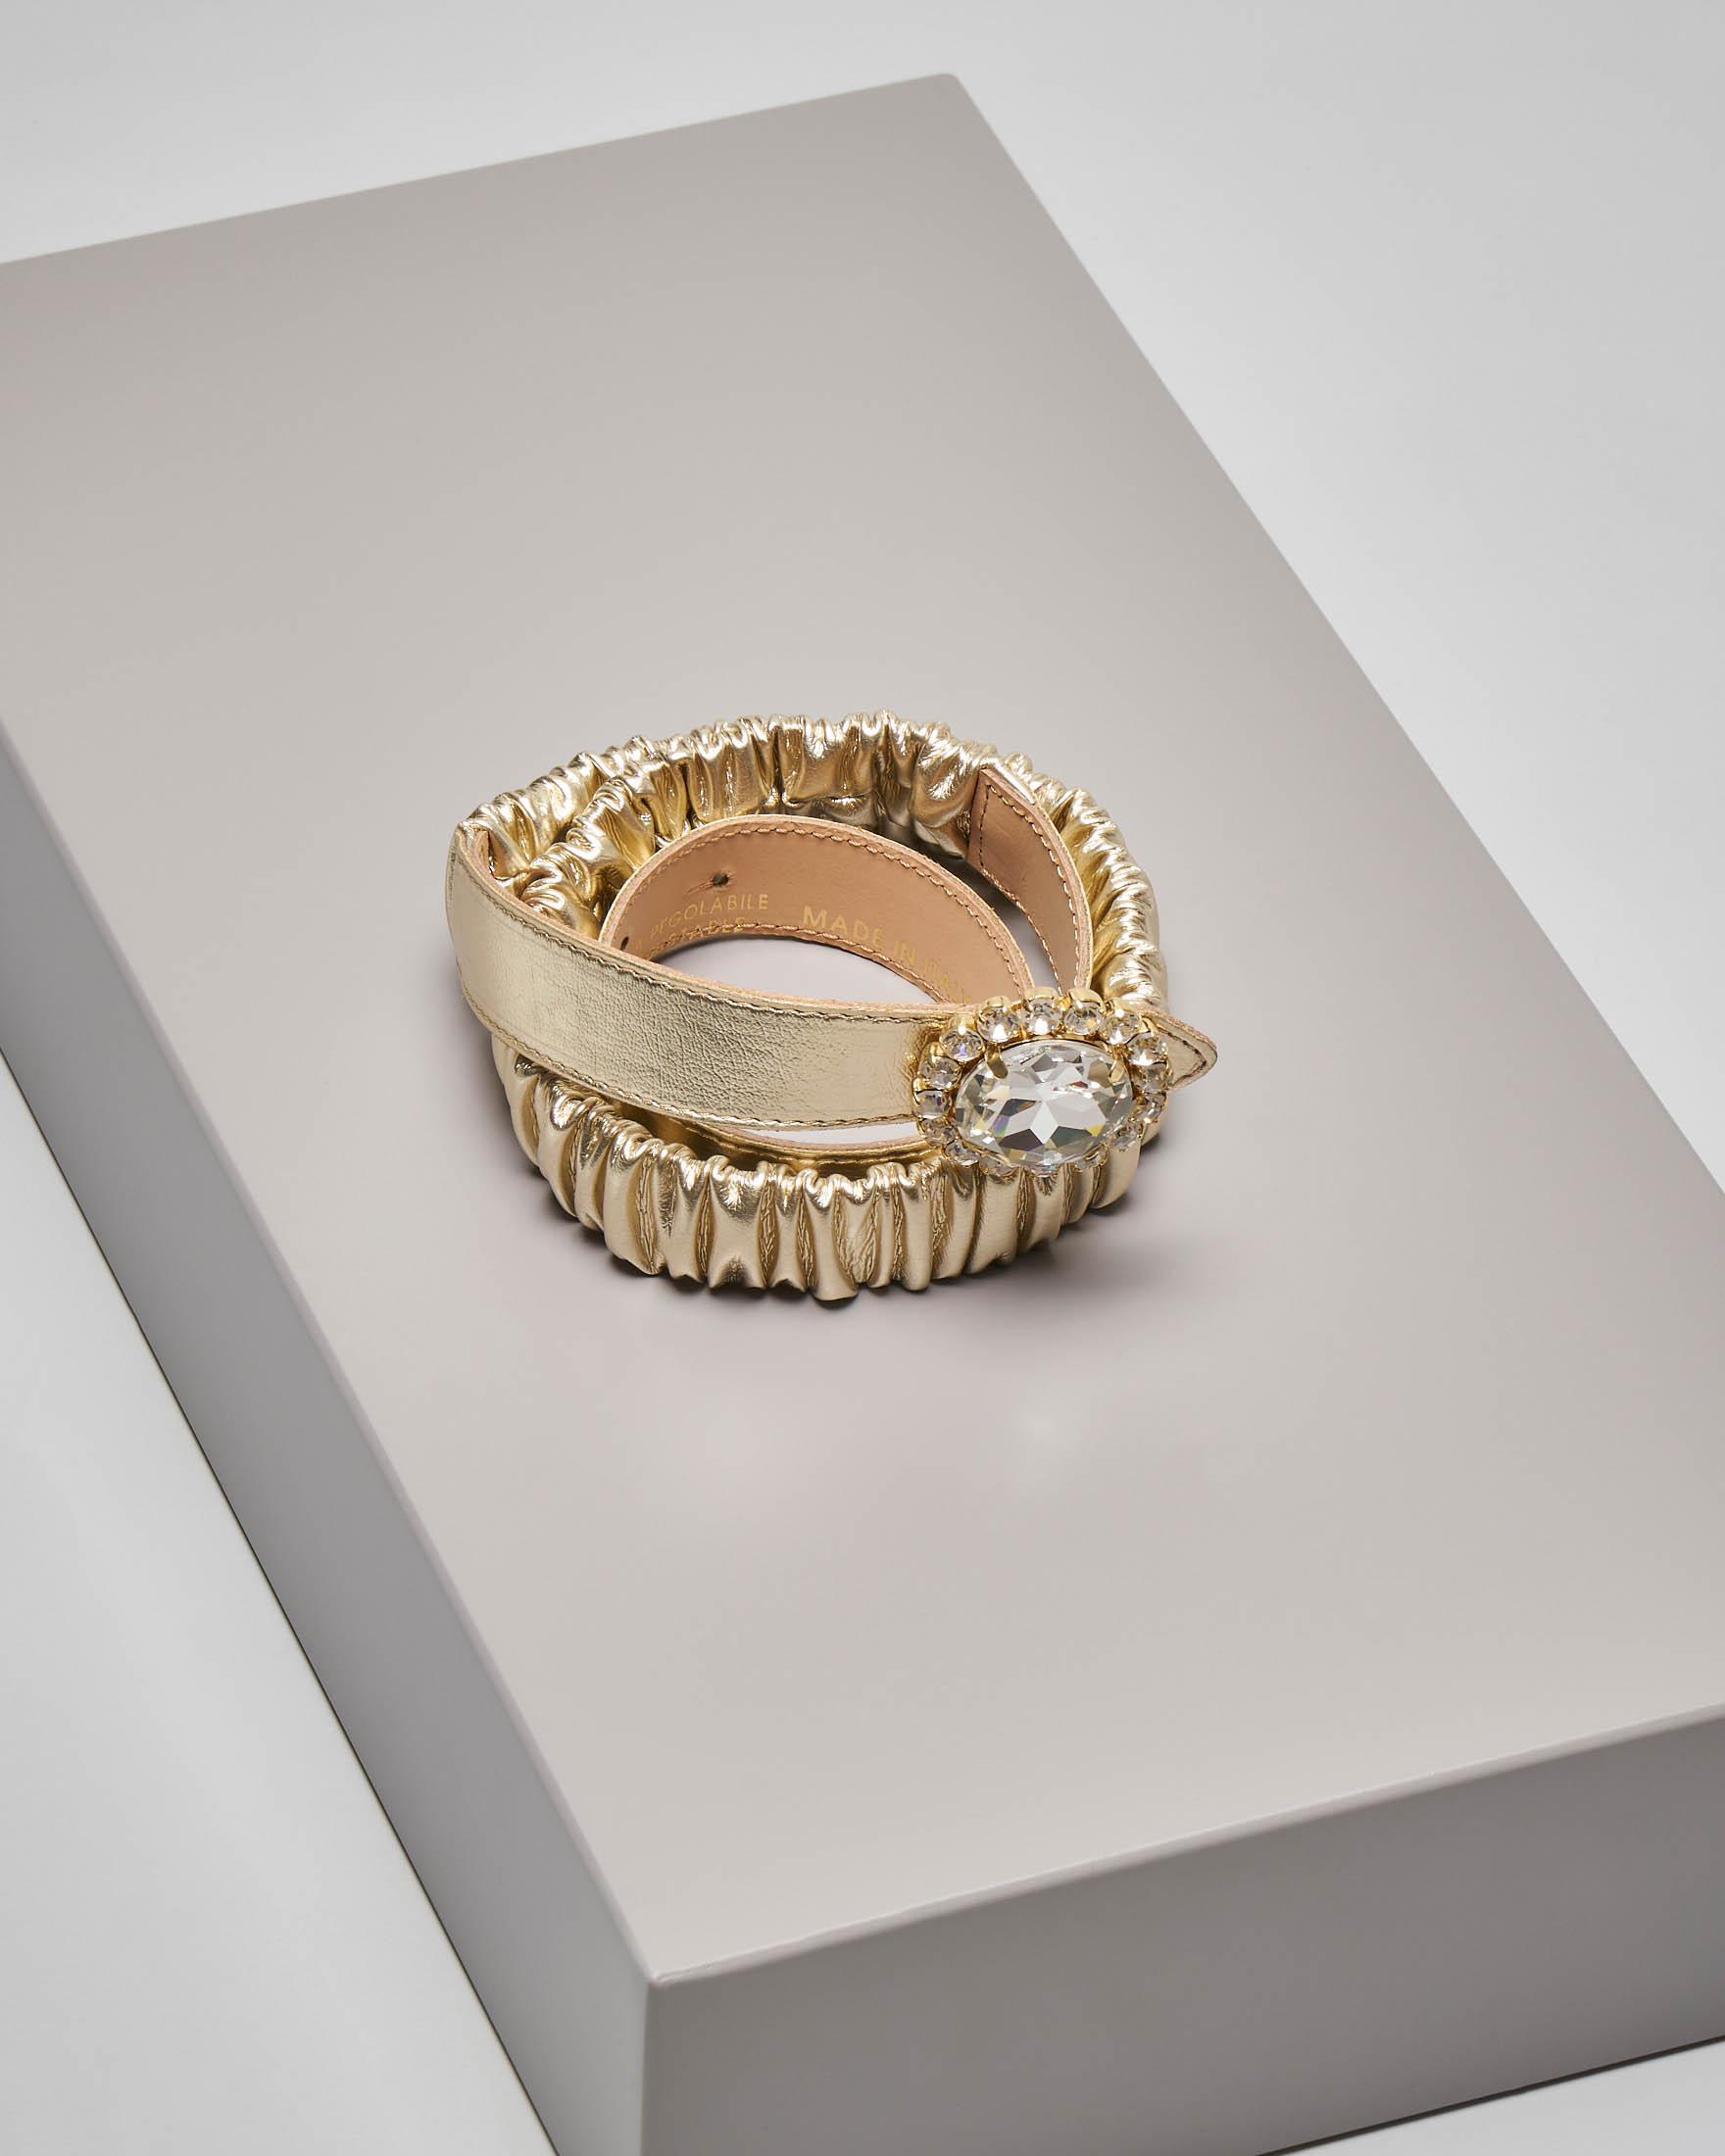 Cintura in ecopelle color oro effetto arricciato e chiusura gioiello